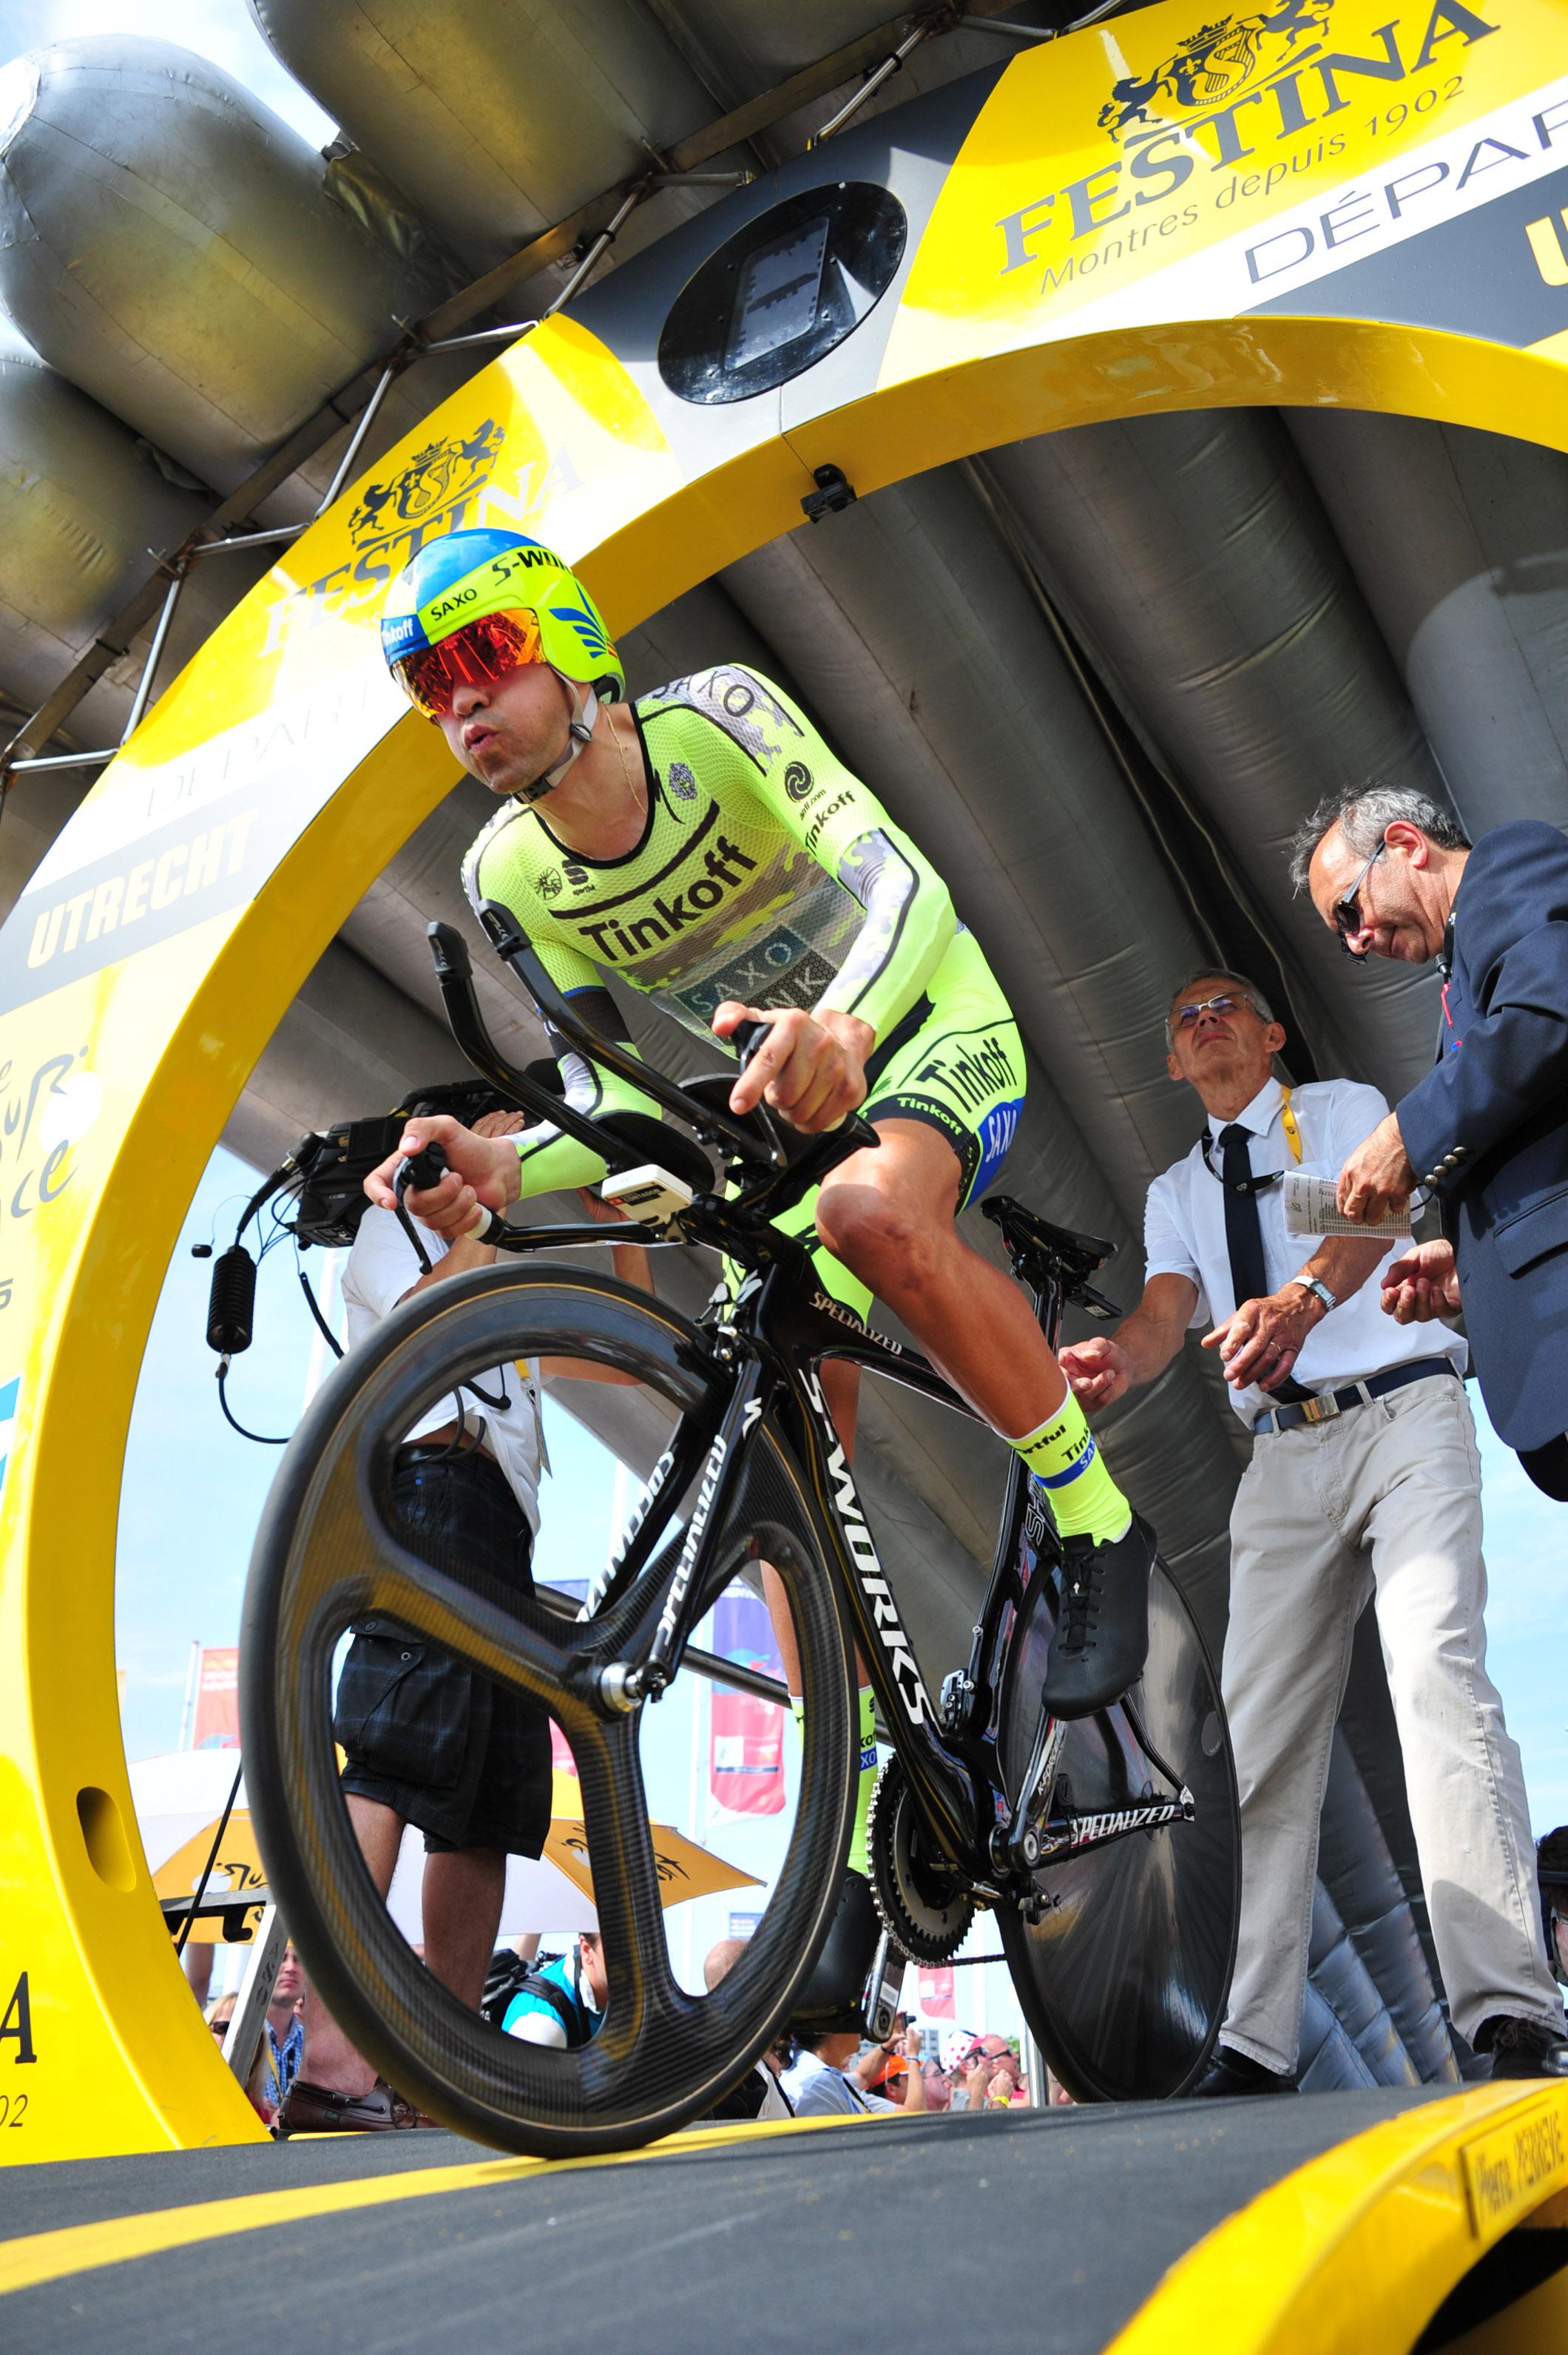 Alberto Contador - Tinkoff Saxo